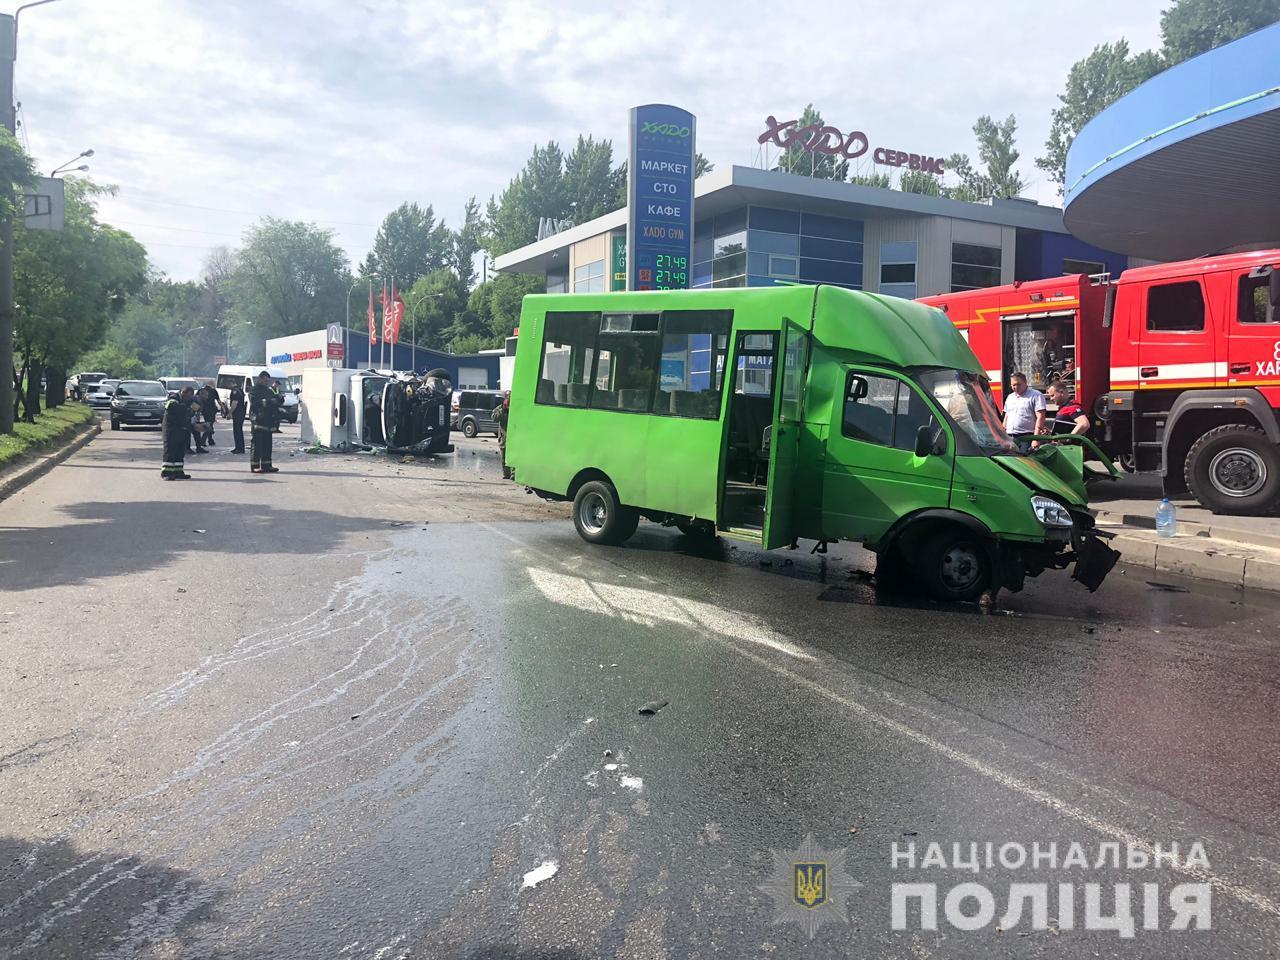 В Харькове столкнулись микроавтобусы: пострадали около десятка человек